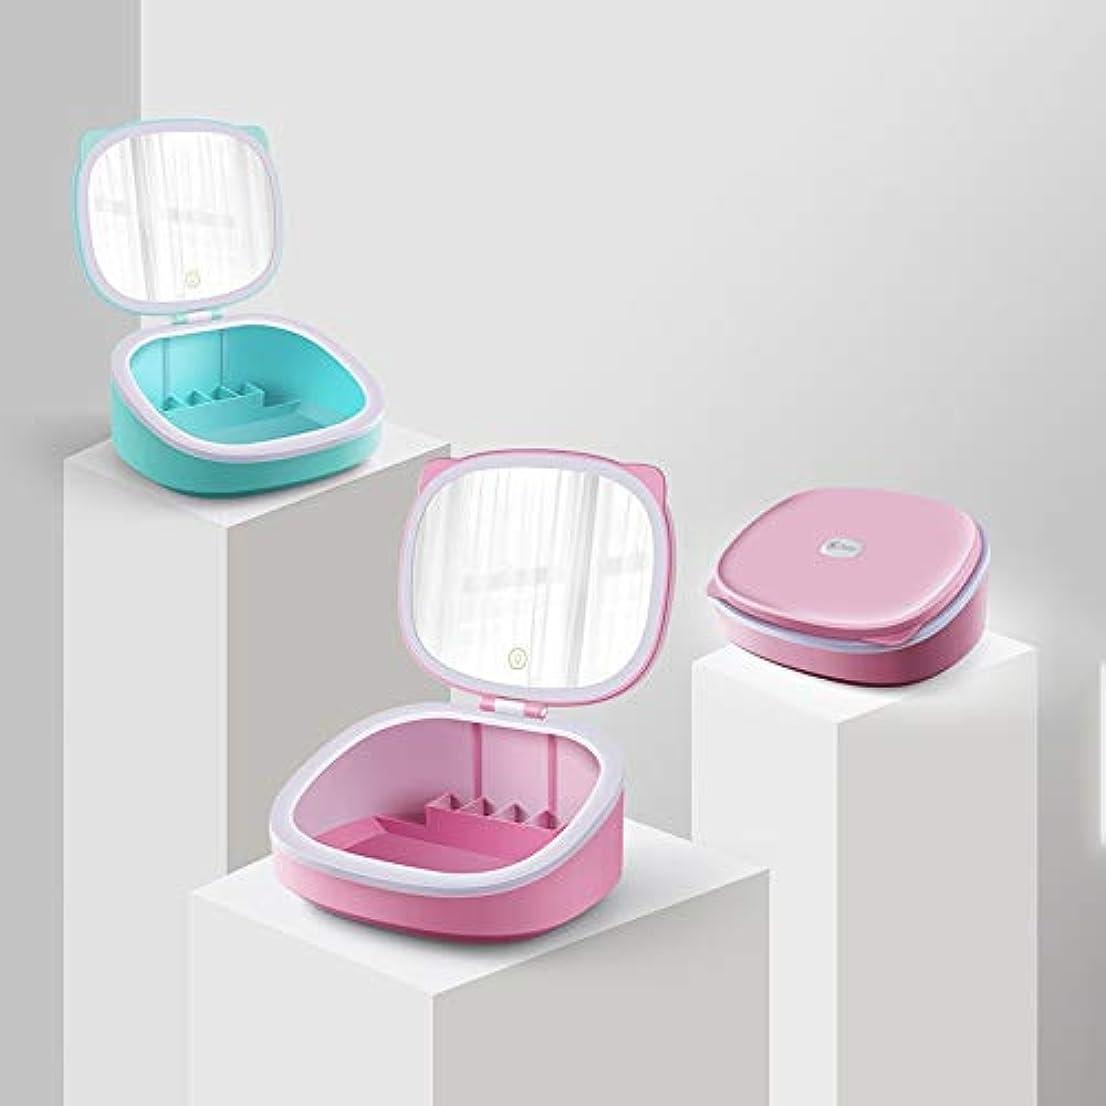 反対するカンガルー送信する流行の LEDライト化粧鏡収納猫美容鏡卓上鏡多機能光ABSピンクブルーを調整することができます (色 : Pink)